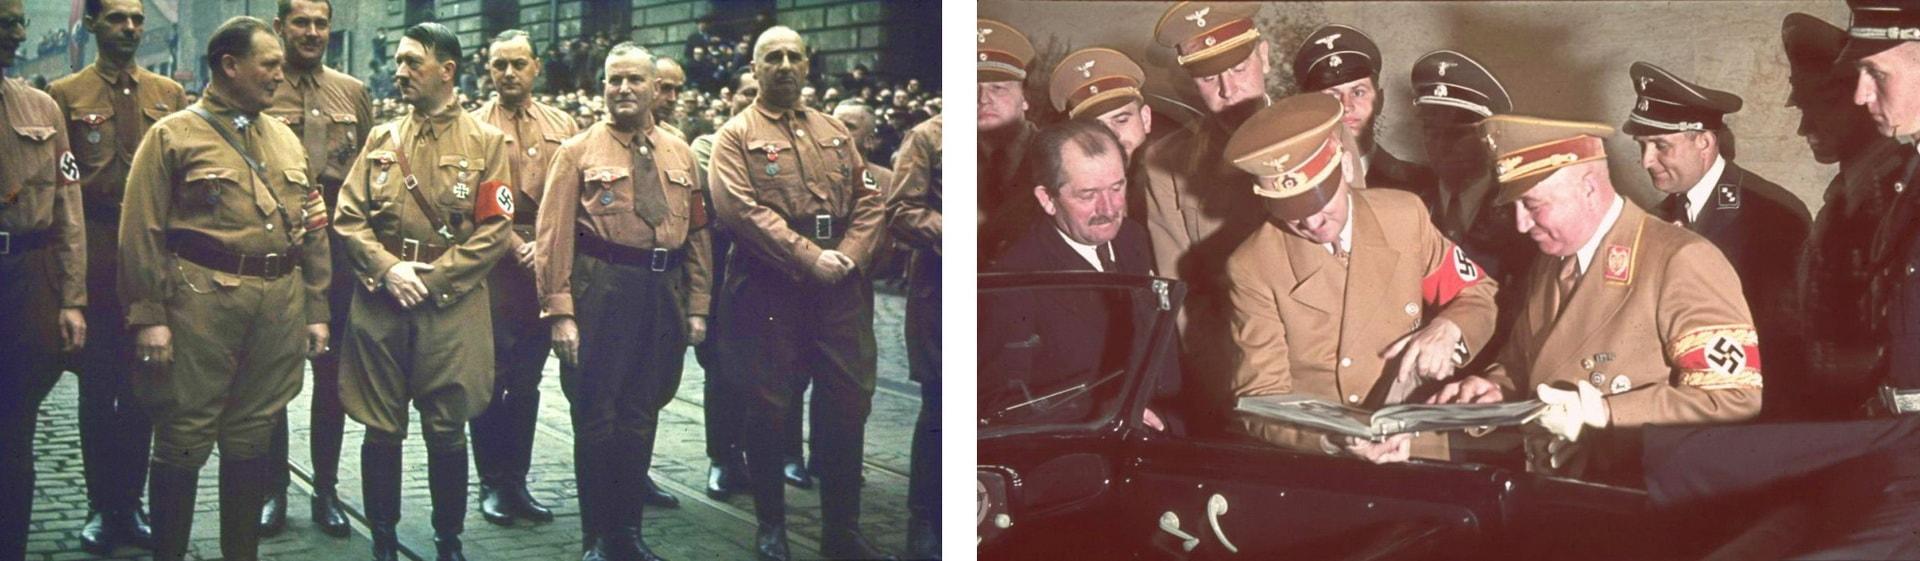 Приспешники Гитлера - ближайшее окружение